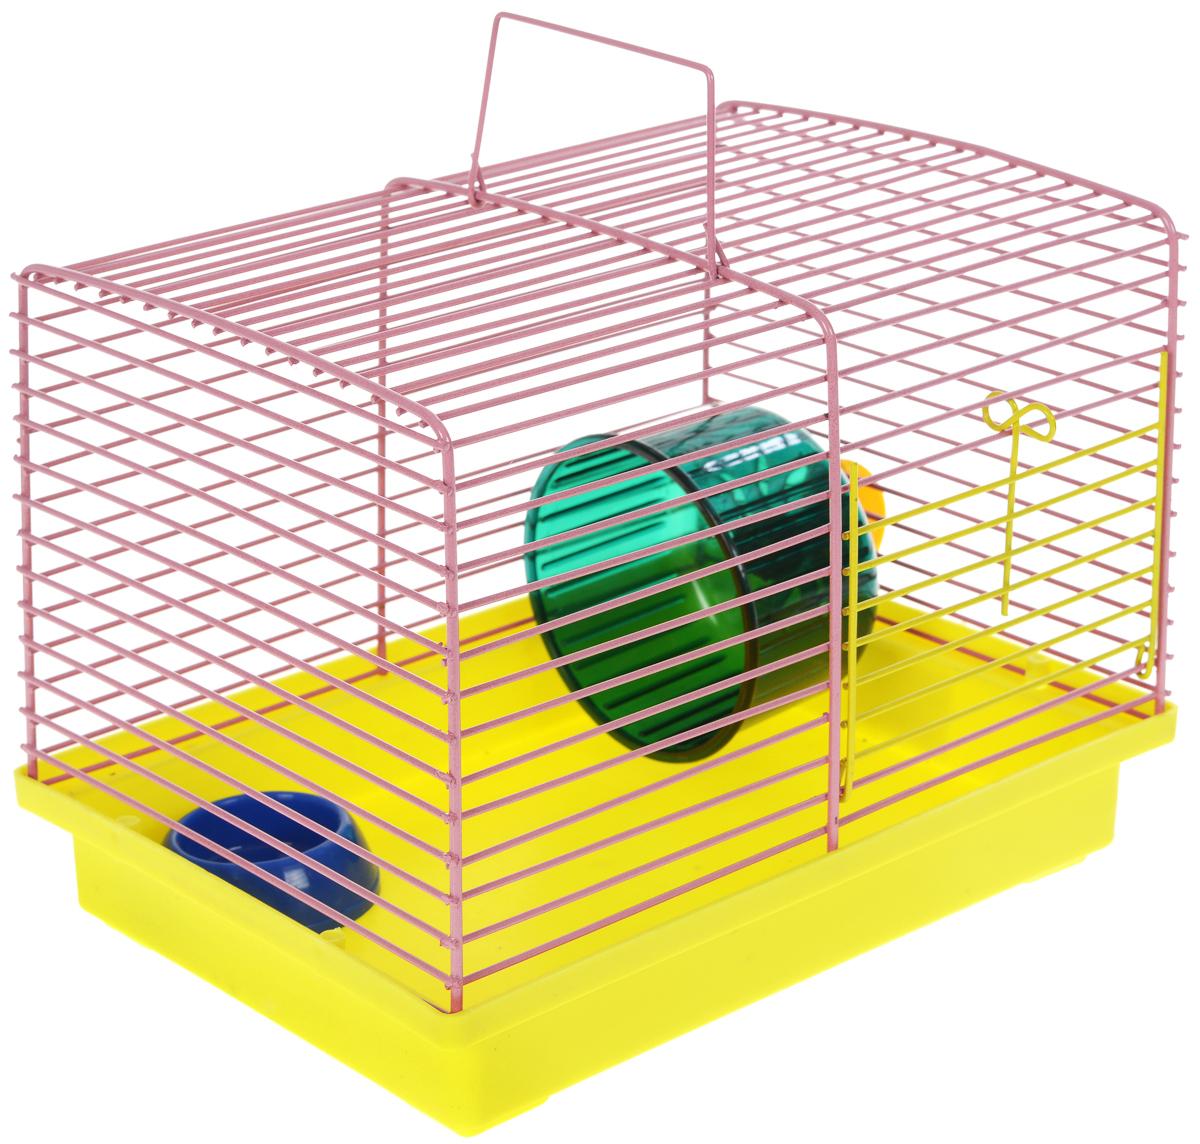 Клетка для хомяка ЗооМарк, с колесом и миской, цвет: желтый поддон, розовая решетка, 23 х 18 х 18,5 см511_желтый, розовыйКлетка ЗооМарк, выполненная из пластика и металла, подходит для джунгарского хомячка или других небольших грызунов. Она оборудована колесом для подвижных игр и миской. Клетка имеет яркий поддон, удобна в использовании и легко чистится. Такая клетка станет личным пространством и уютным домиком для маленького грызуна. Комплектация: - клетка с поддоном; - колесо; - миска.